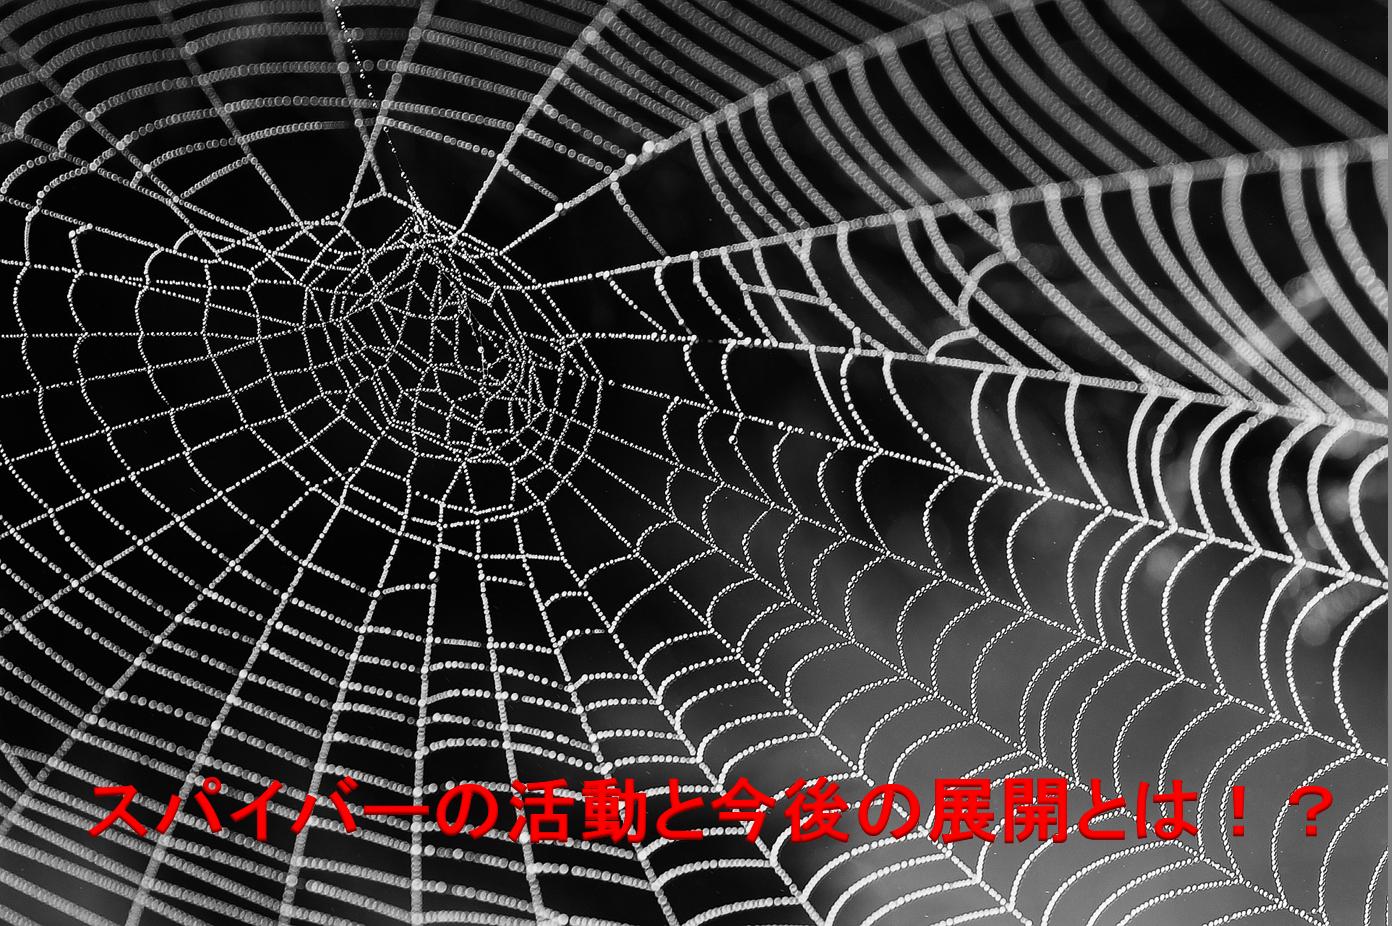 スパイバー 人工のクモ糸「クモノス」で世界最先端をいく会社